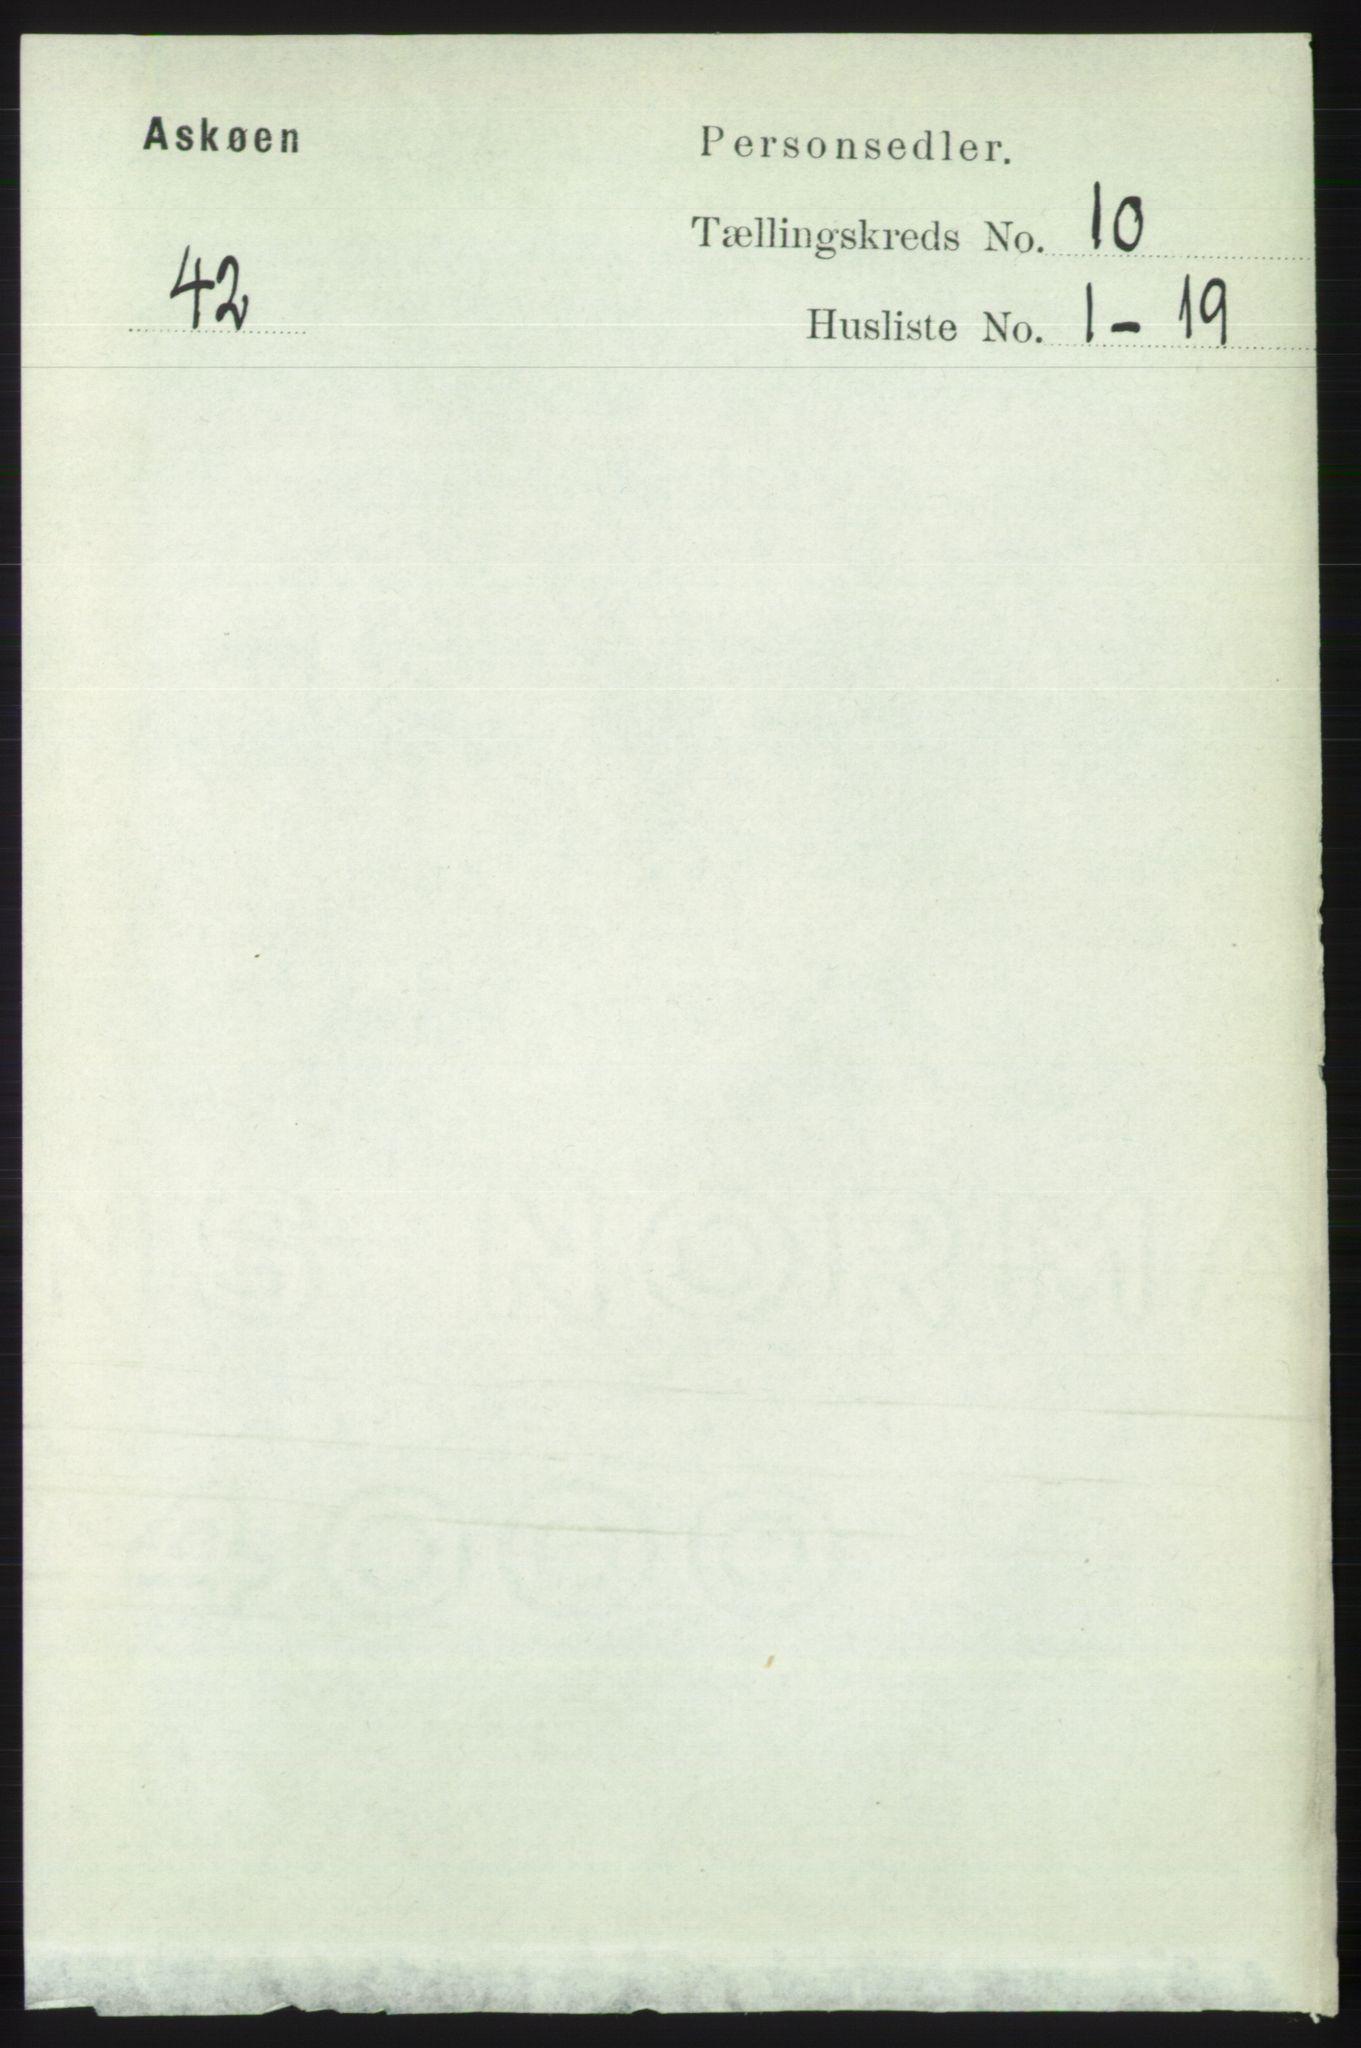 RA, Folketelling 1891 for 1247 Askøy herred, 1891, s. 6406